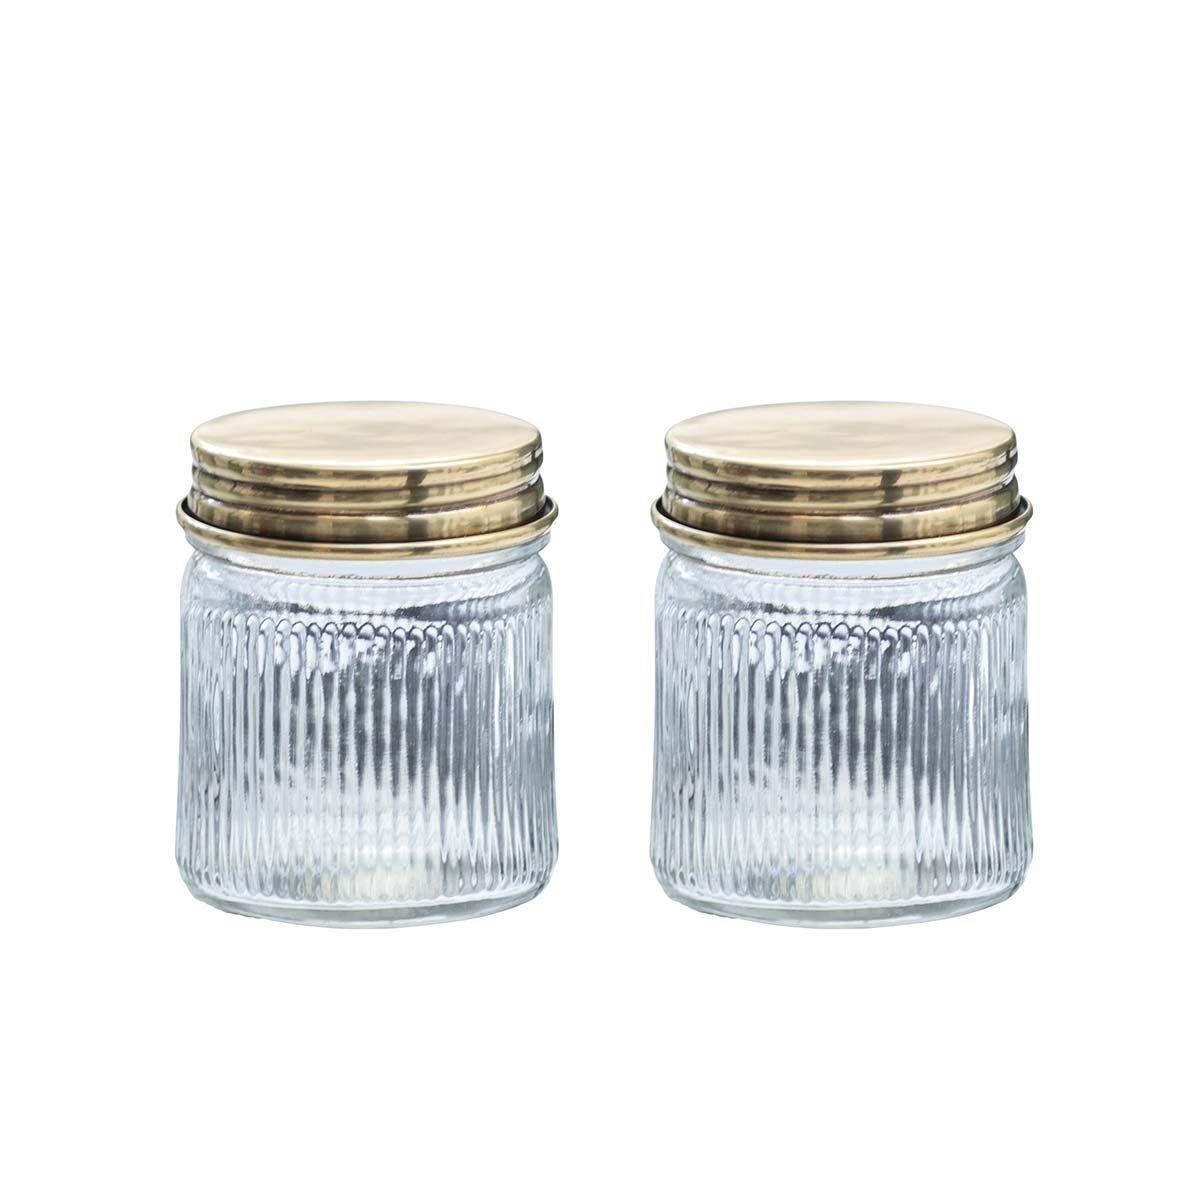 Set de 2 bocaux en verre et laiton or